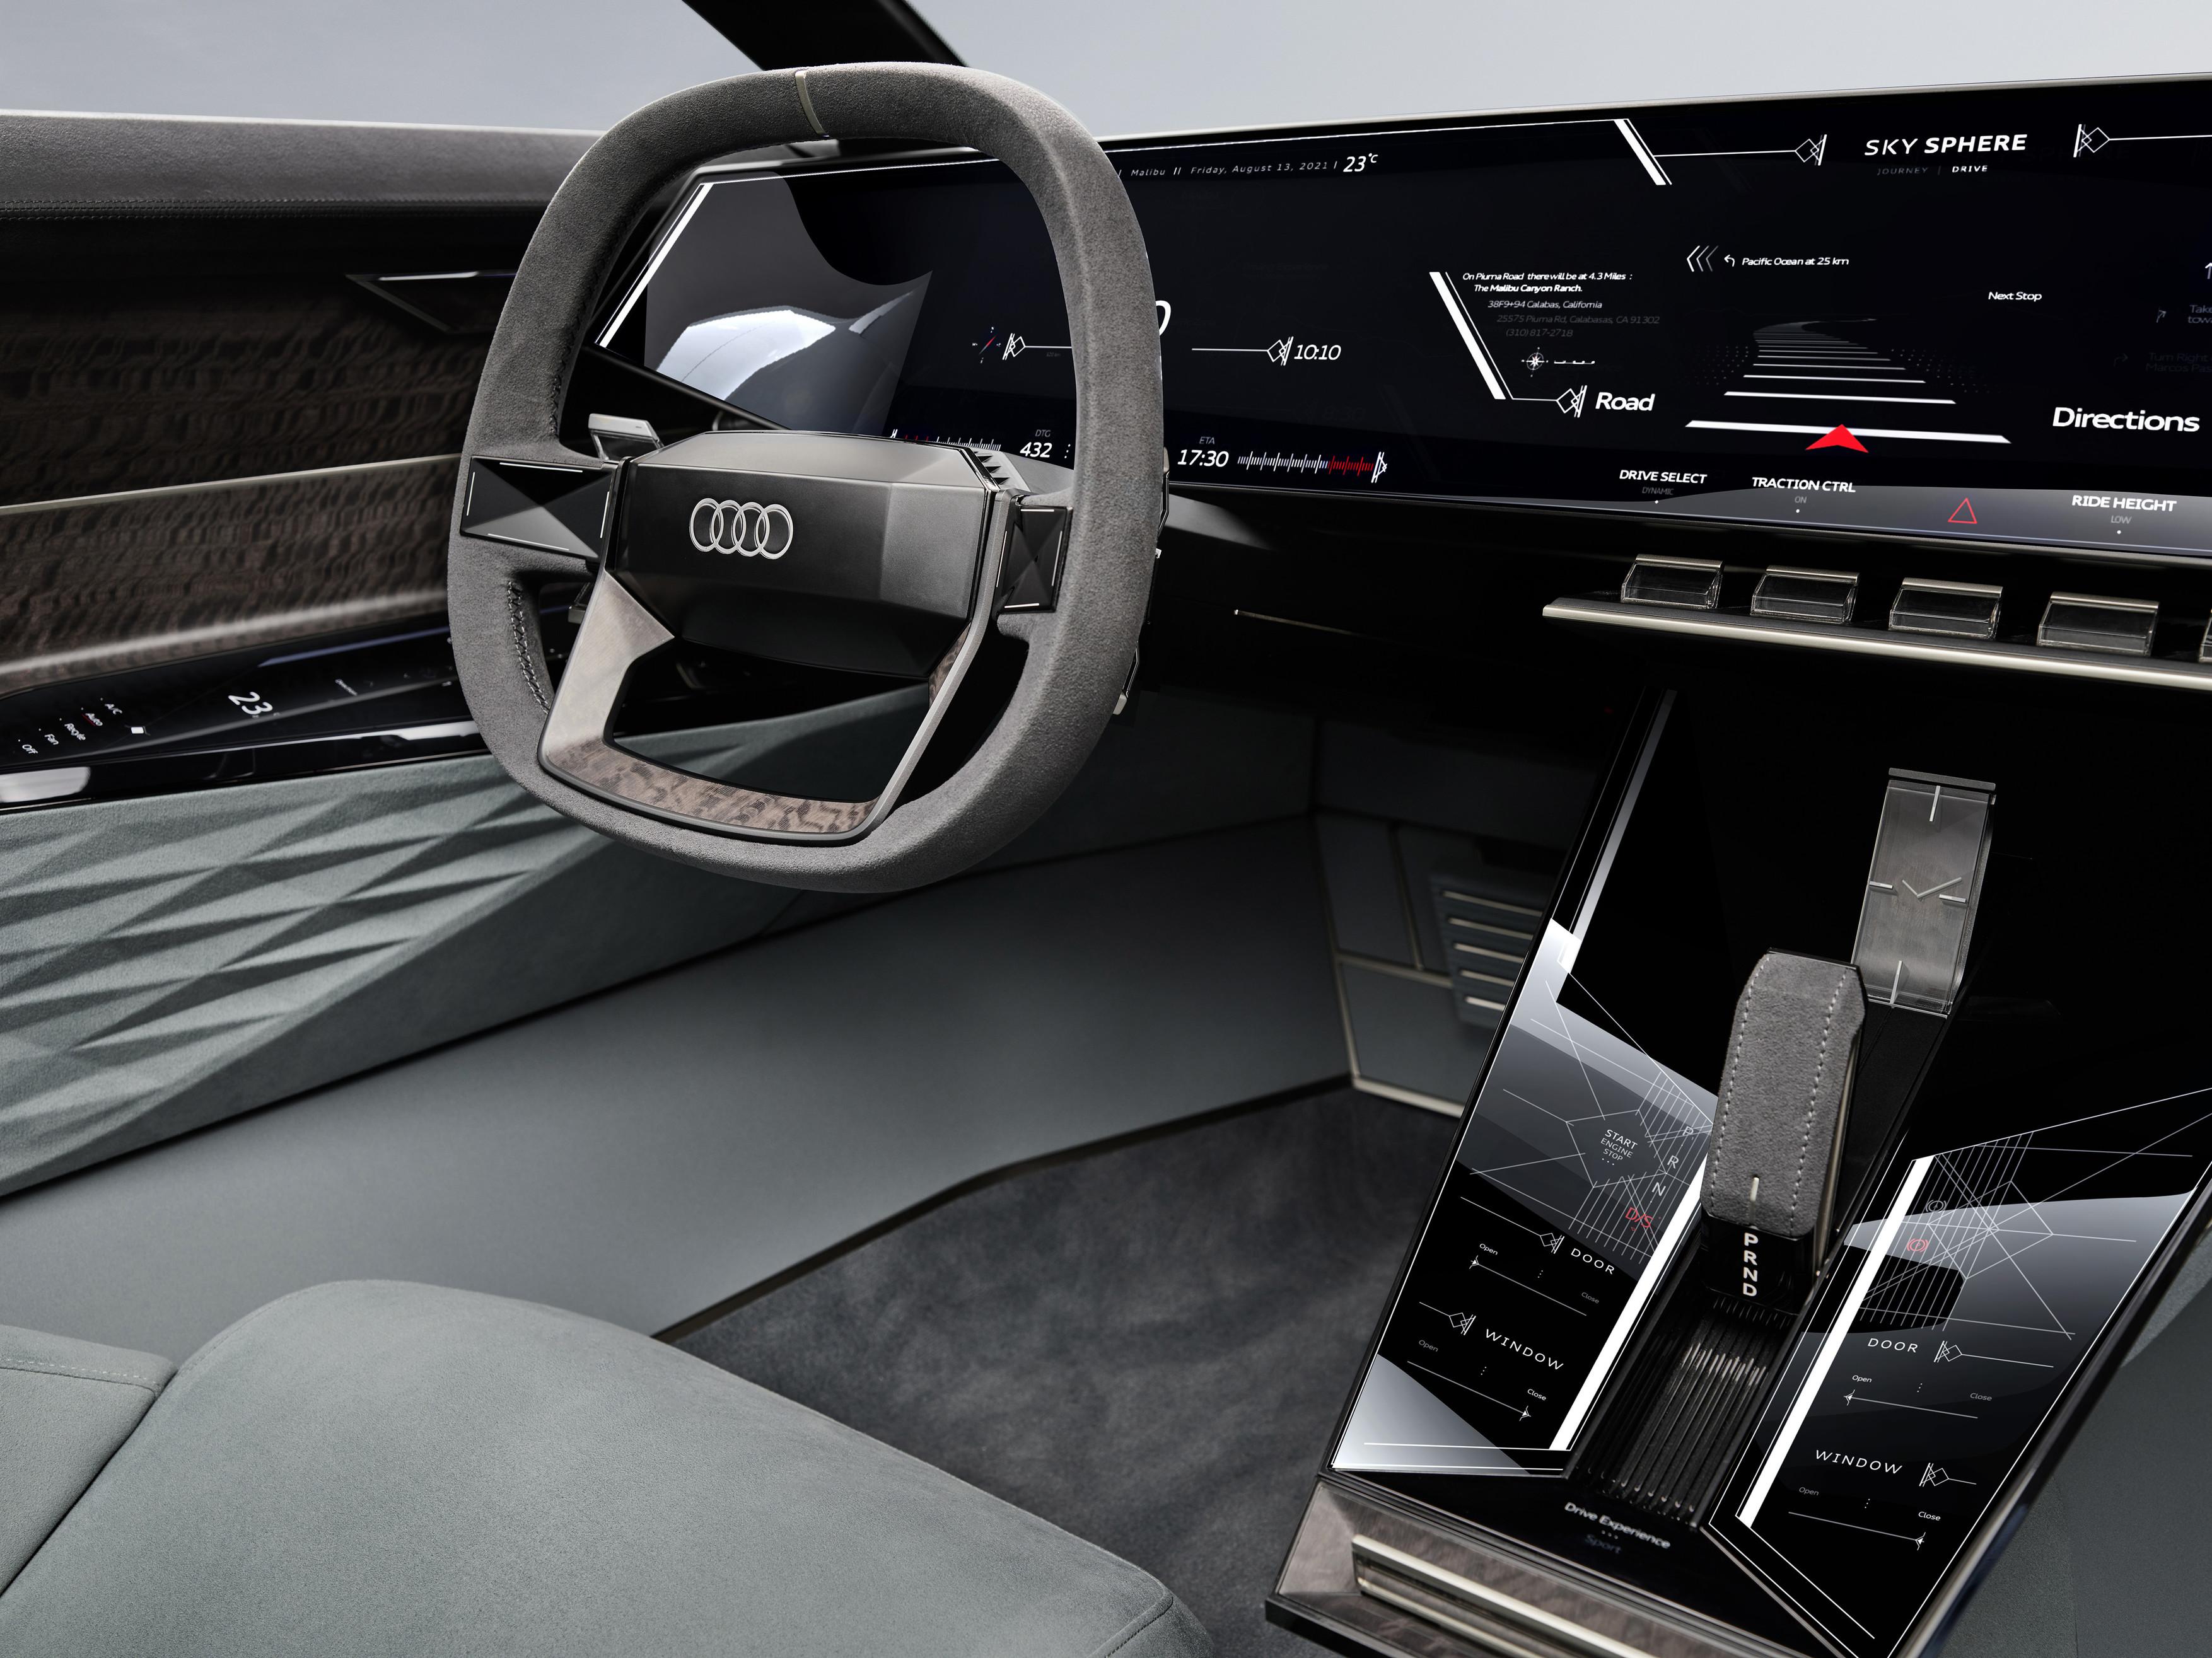 Audi skysphere concept - Cockpit